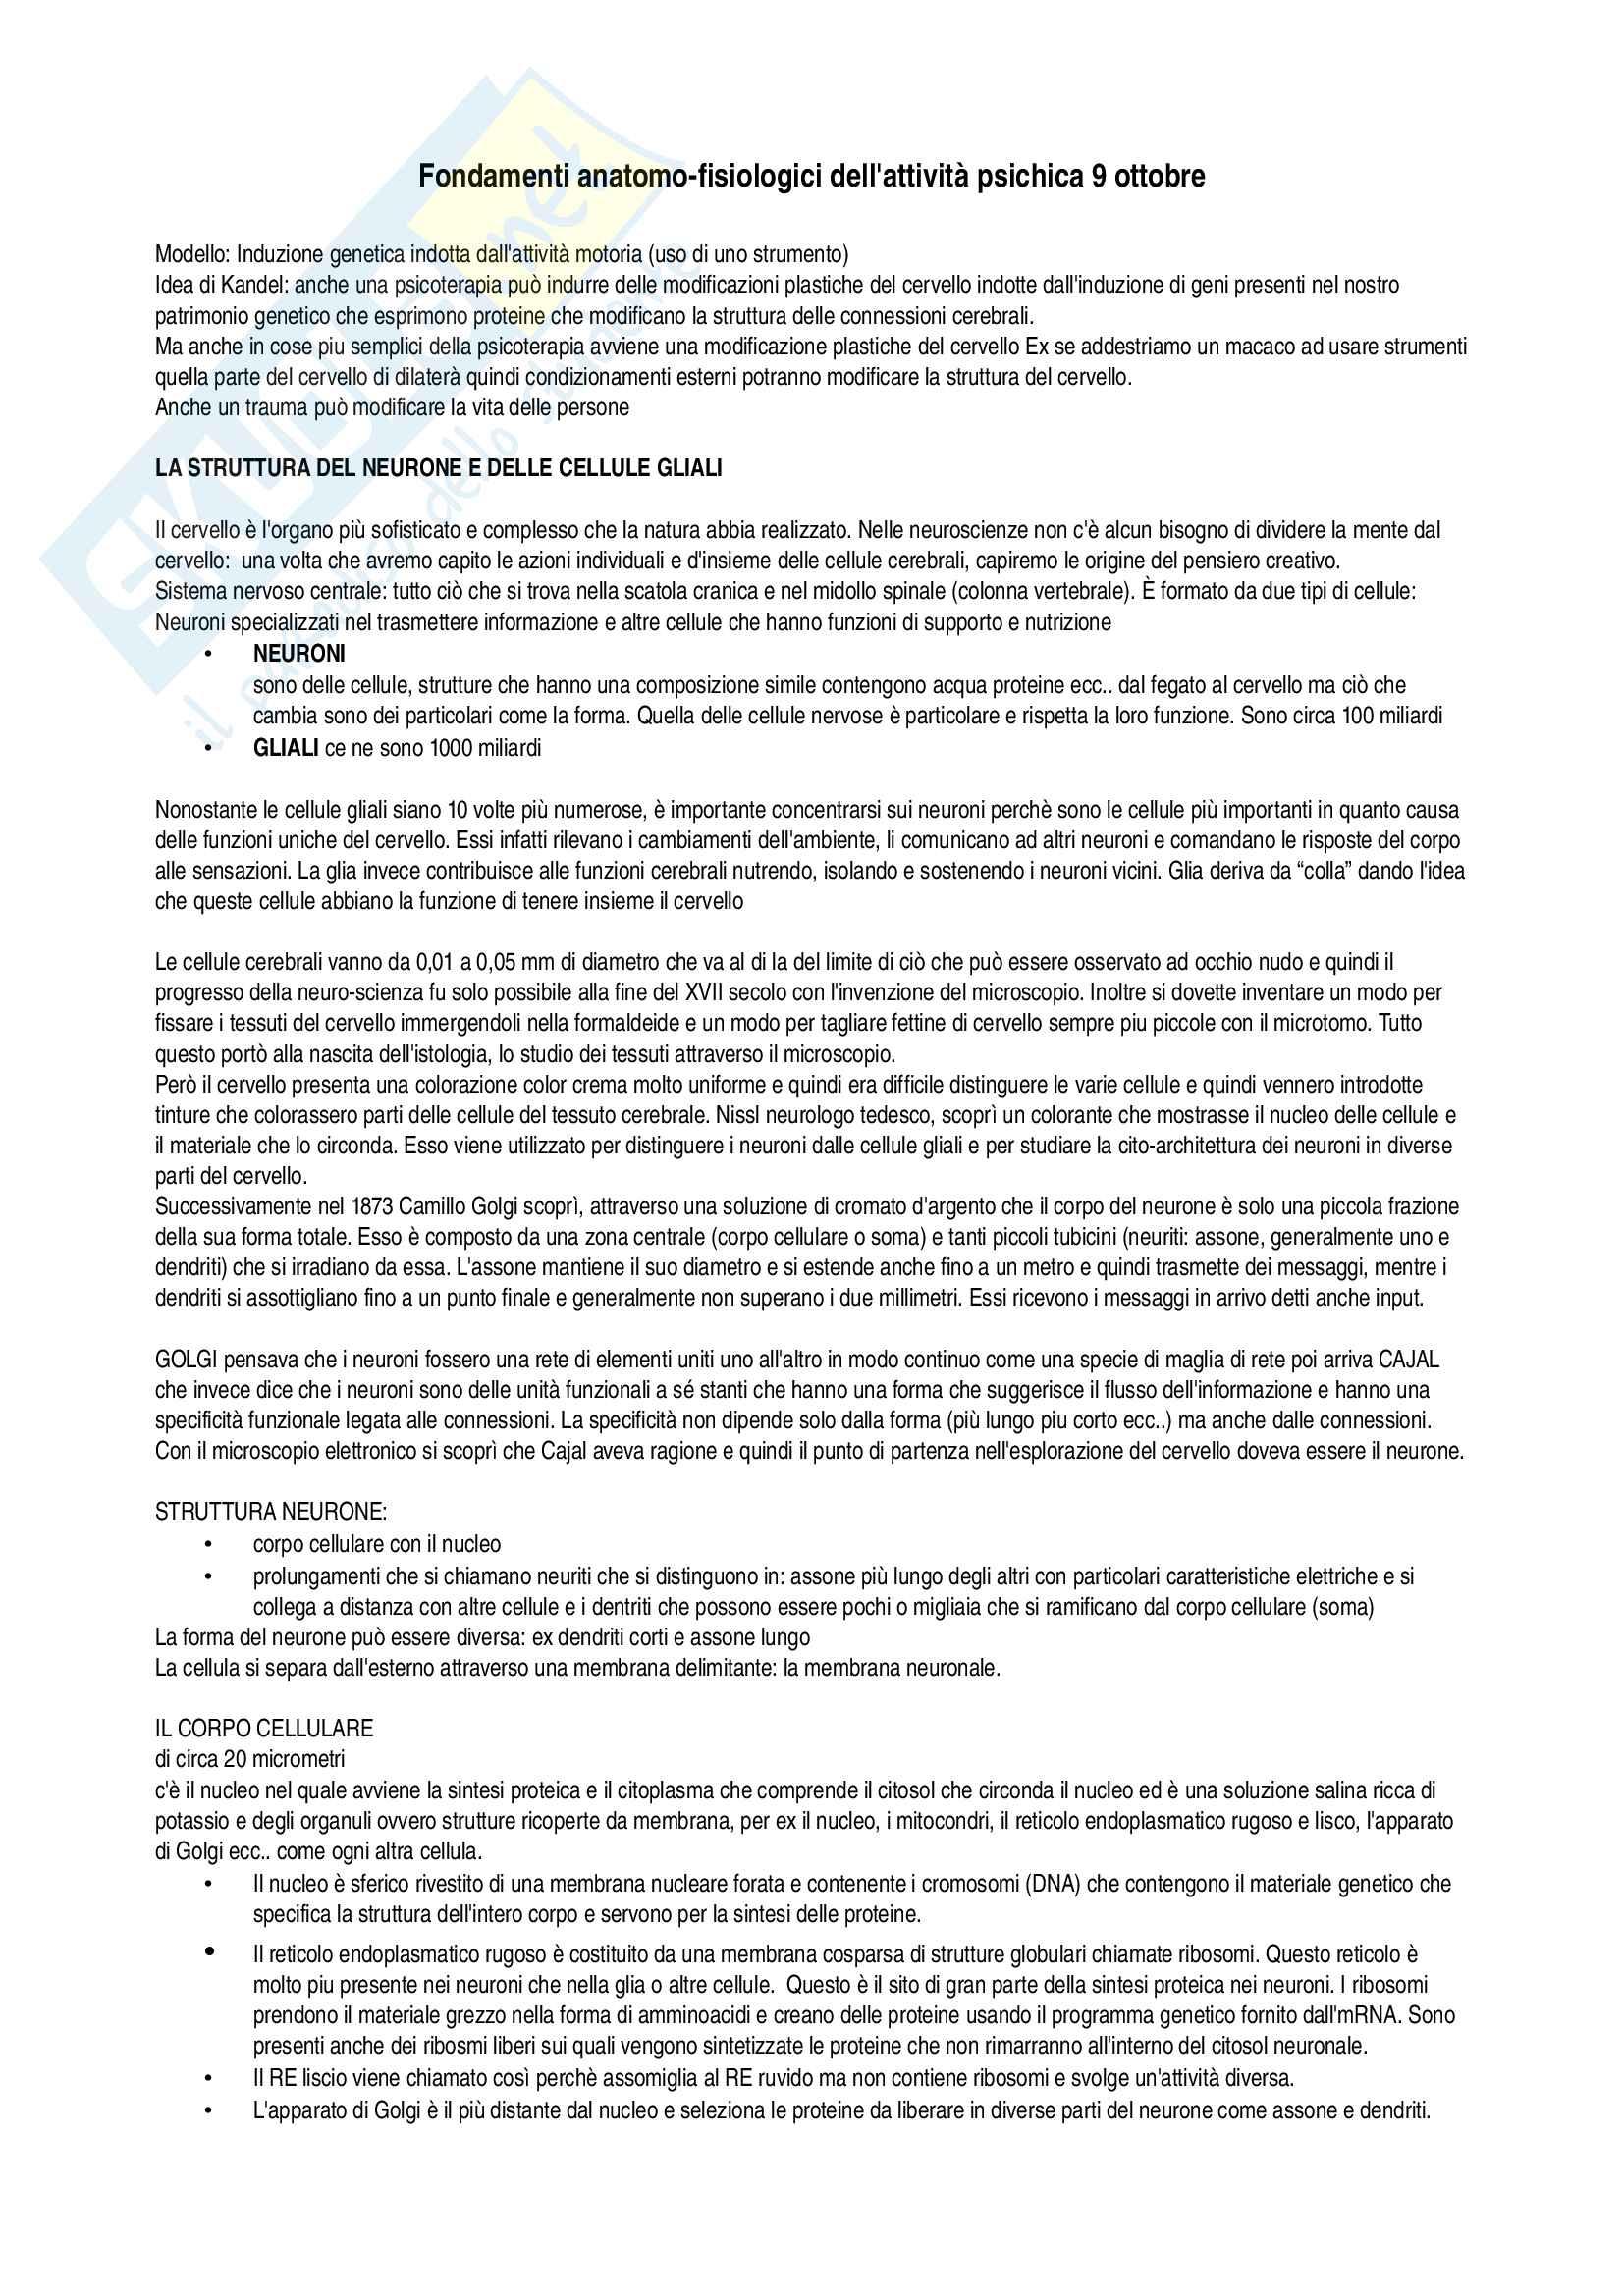 Neuroscienze - Fondamenti anatomo-fisiologici dell'attività psichica- Esame completo